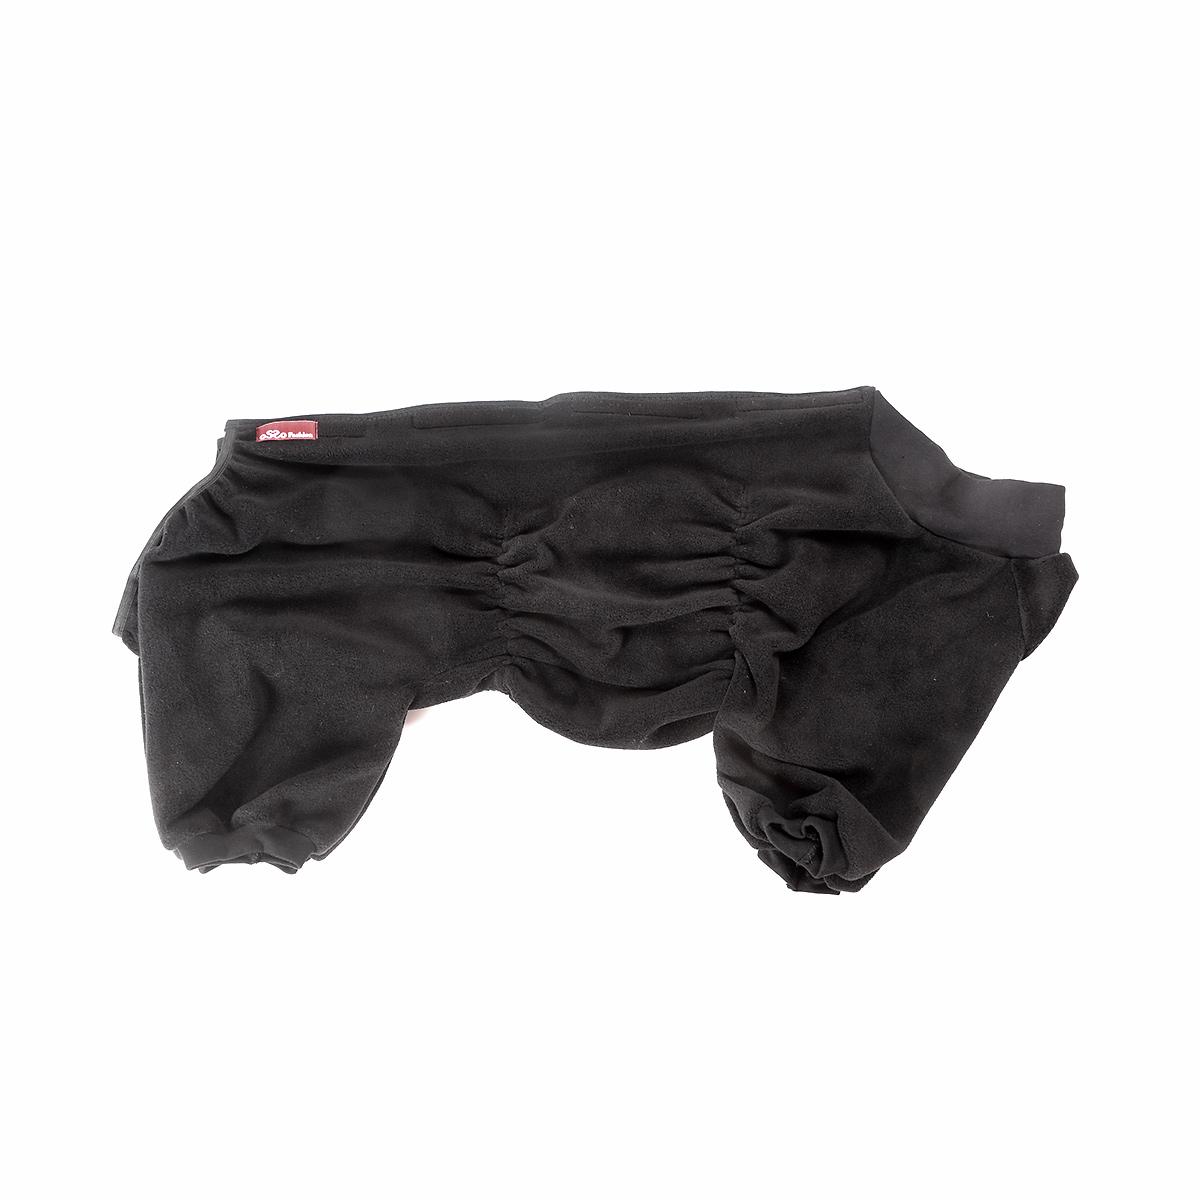 Комбинезон для собак OSSO Fashion, для мальчика, цвет: графит. Размер 40Кф-1014Комбинезон для собак OSSO Fashion выполнен из флиса. Комфортная посадка по корпусу достигается за счет резинок-утяжек под грудью и животом. На воротнике имеются завязки, для дополнительной фиксации. Можно носить самостоятельно и как поддевку под комбинезон для собак. Изделие отлично стирается, быстро сохнет.Длина спинки: 40 см.Объем груди: 52-62 см.